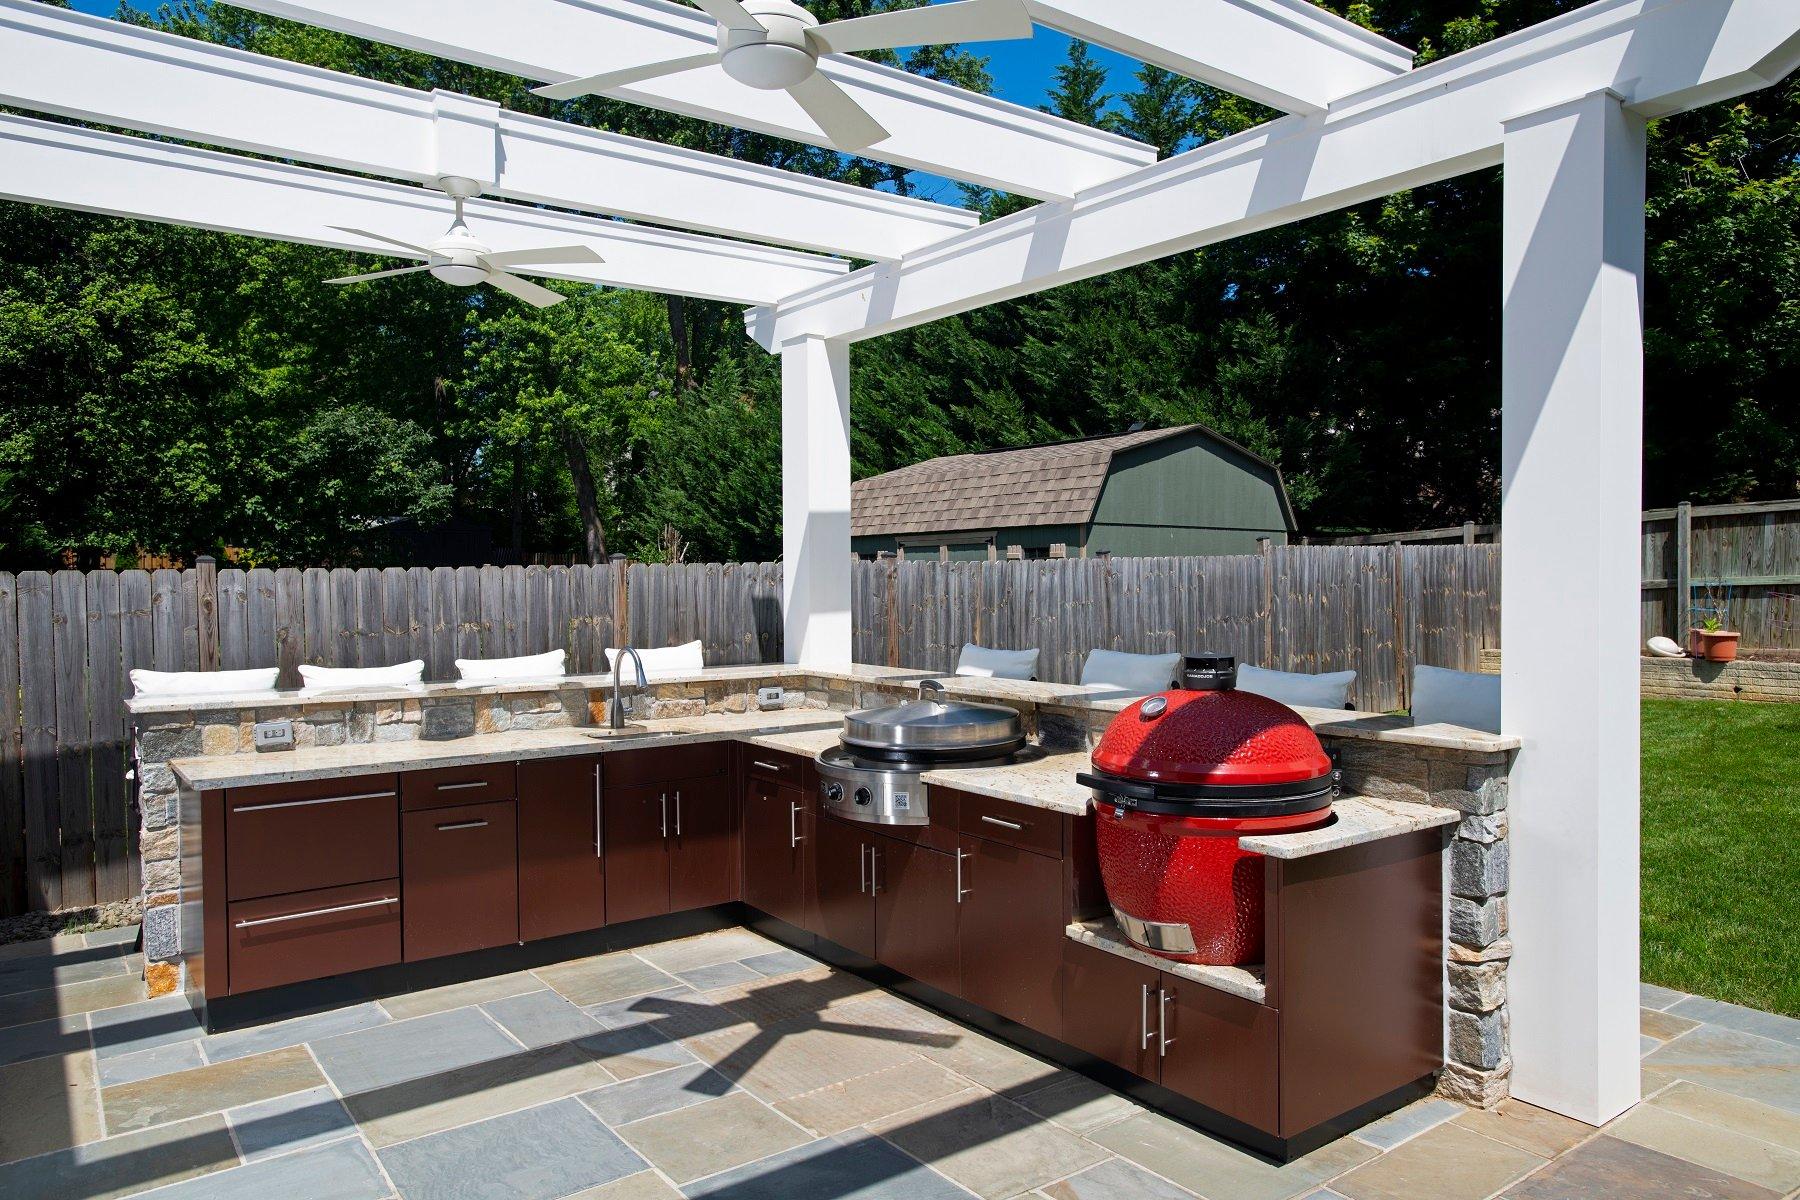 danver_outdoor_kitchen_screen_room_bethesda (1)